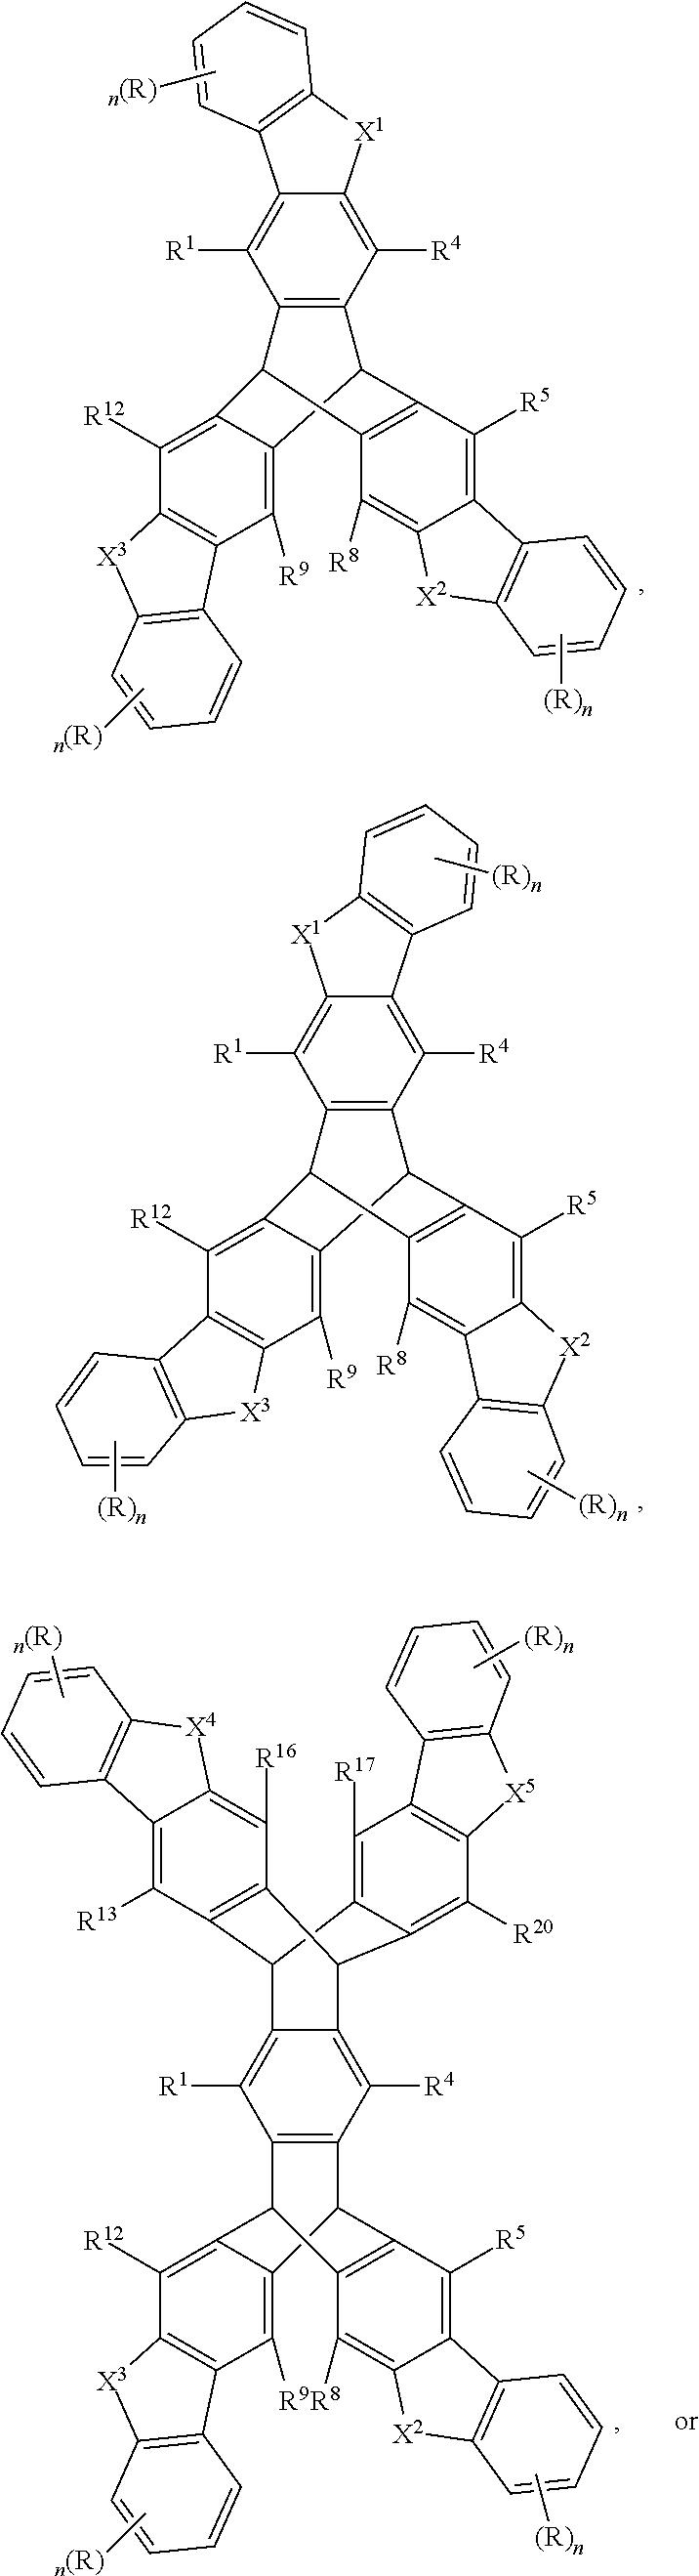 Figure US09595682-20170314-C00020